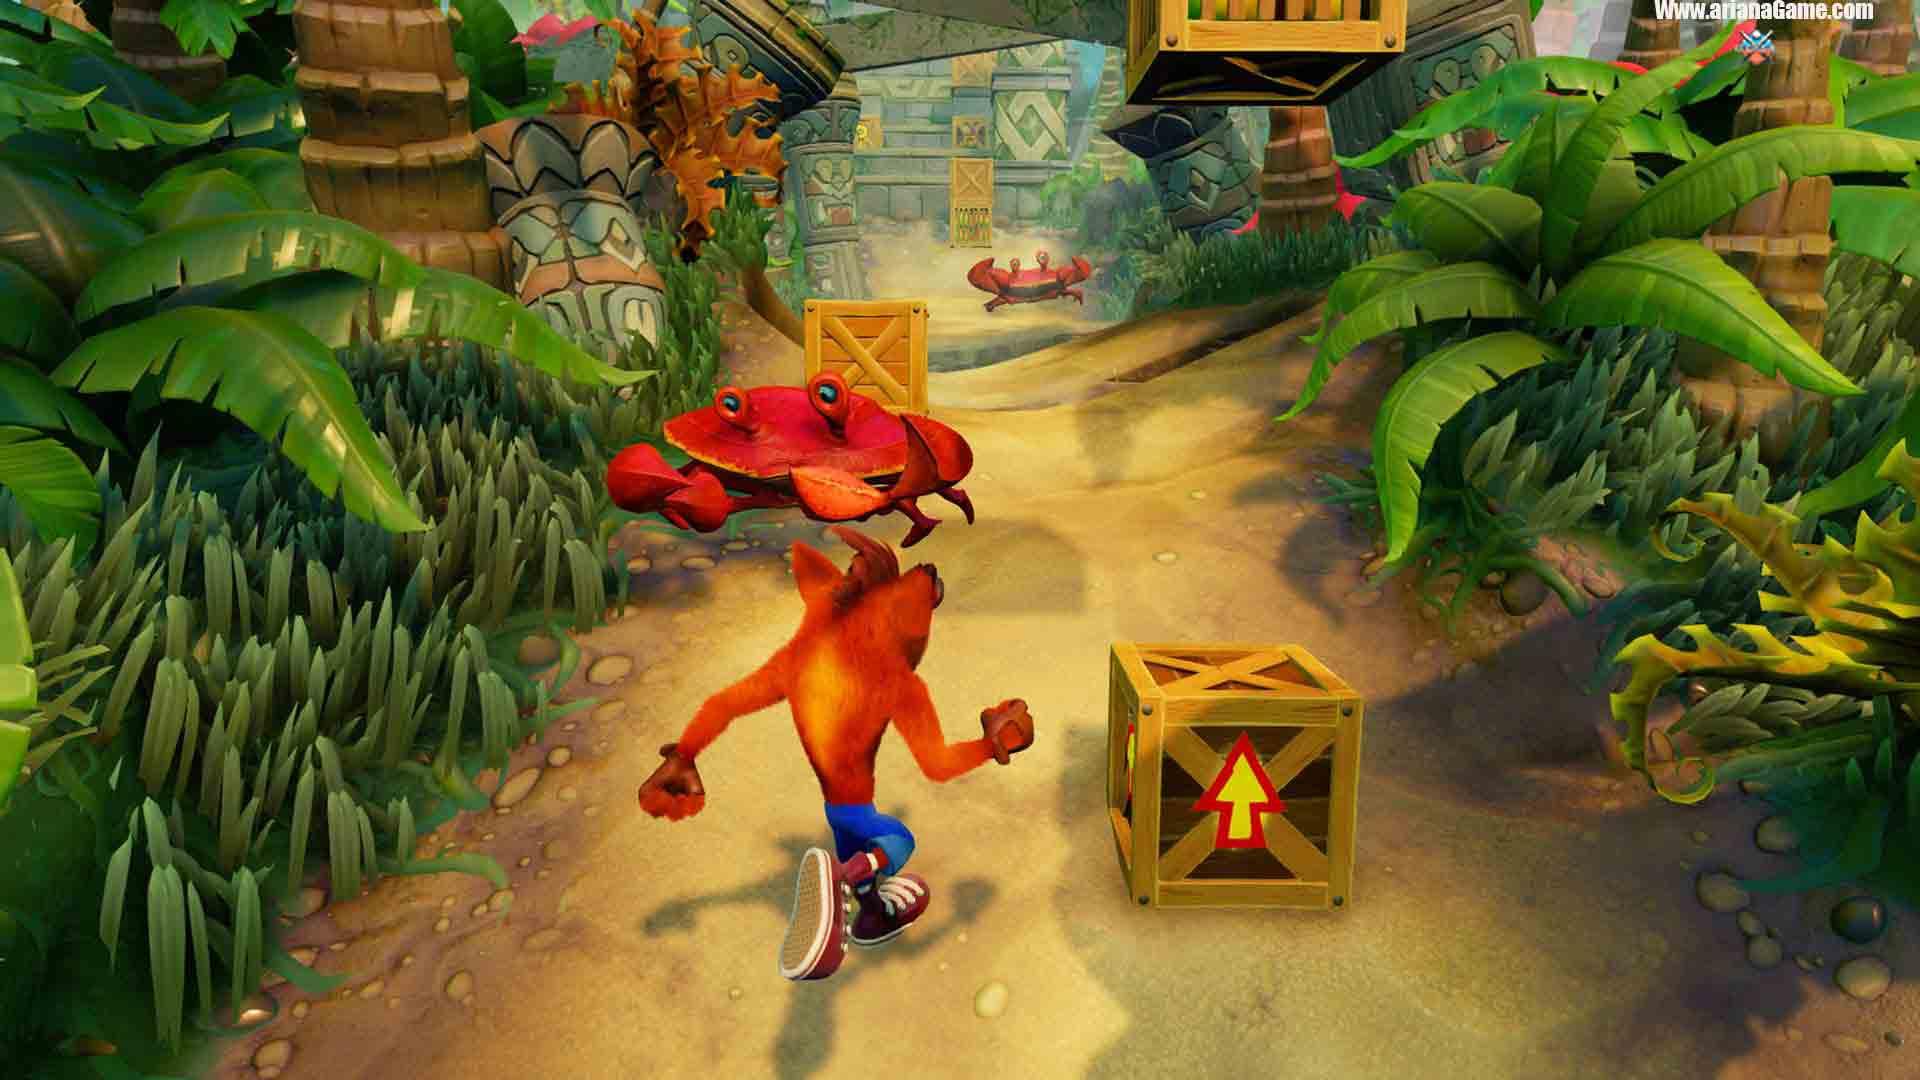 خرید بازی Crash Bandicoot N. Sane Trilogy